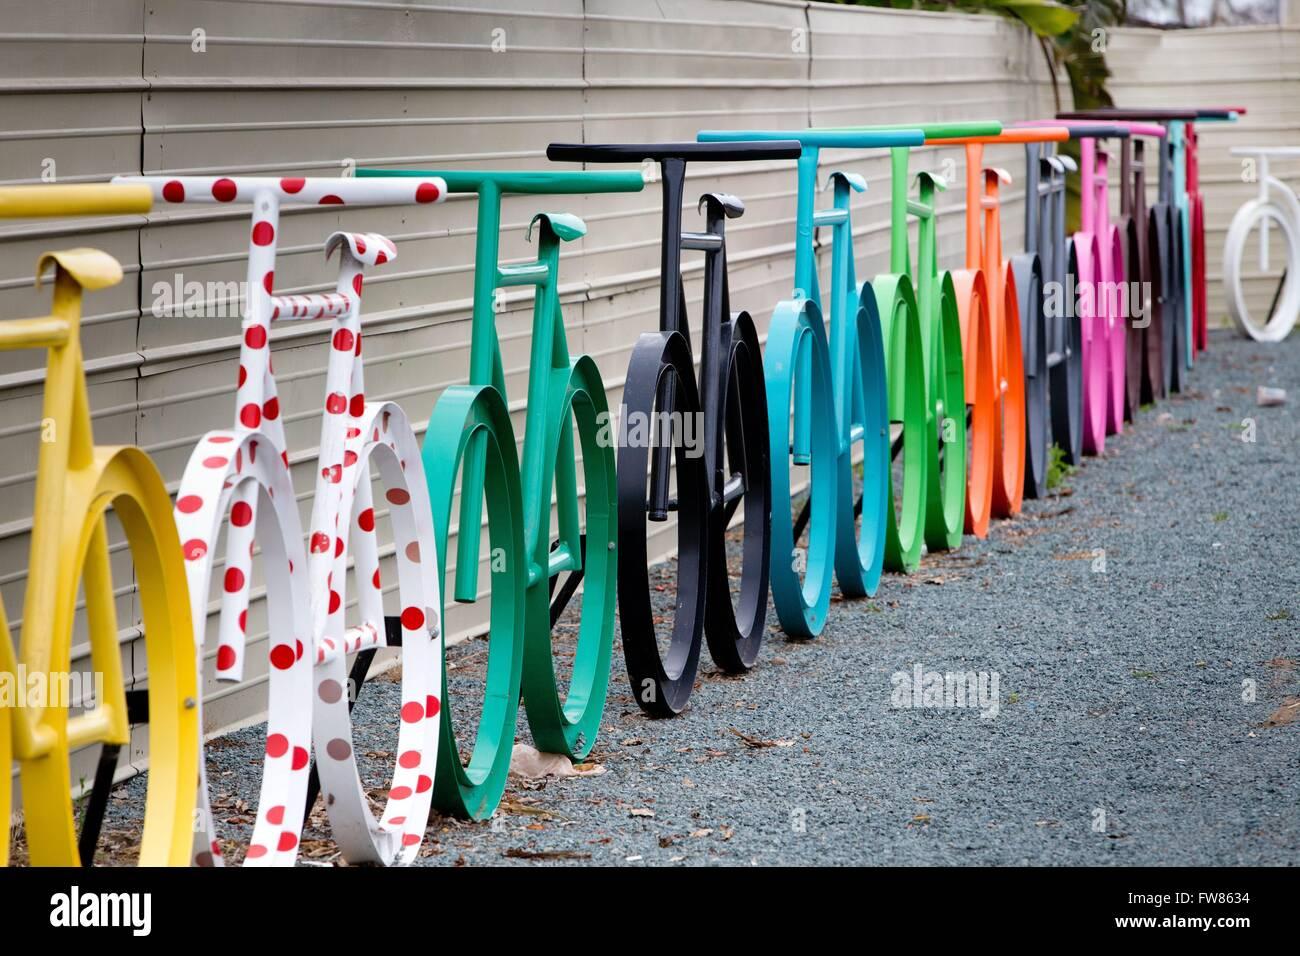 Over-sized biciclette colorate installato presso una strada in Chula Vista, nel marzo 2016. Immagini Stock